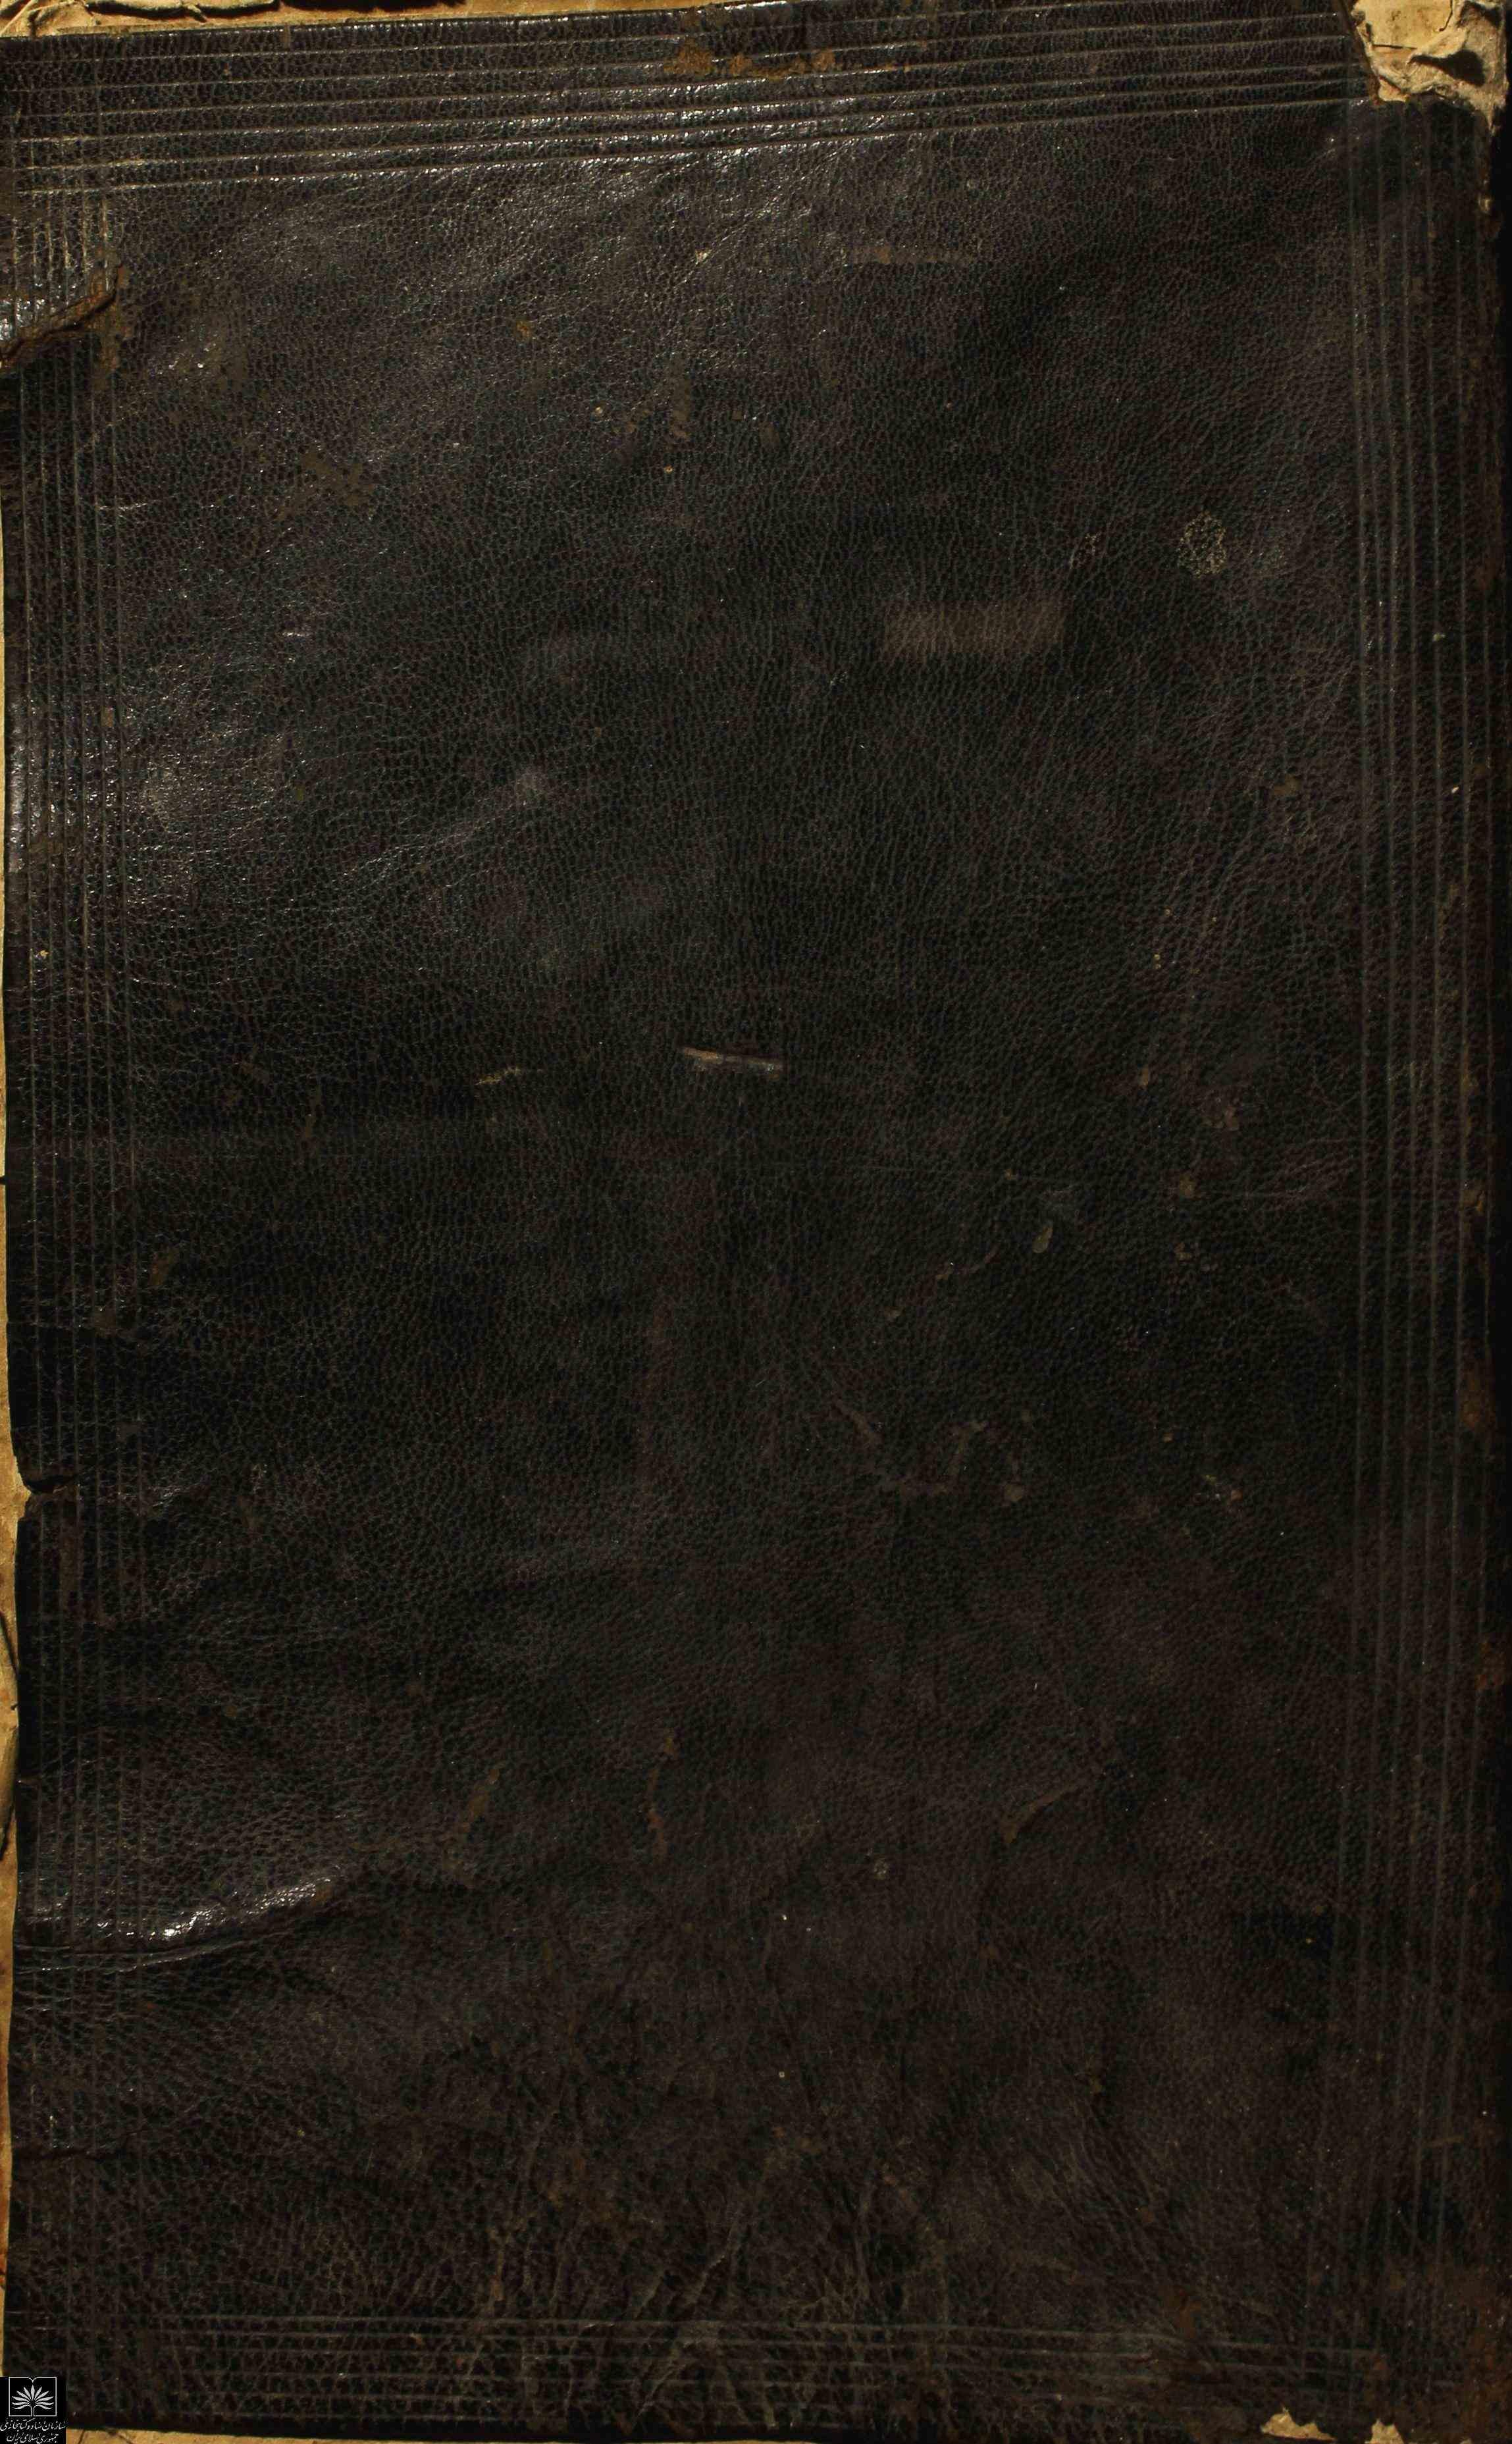 فهارس ناسخ التواریخ (از: محمدحسین بن رضاقلی تفرشی نعمتاللهی متخلص به مخصوص)